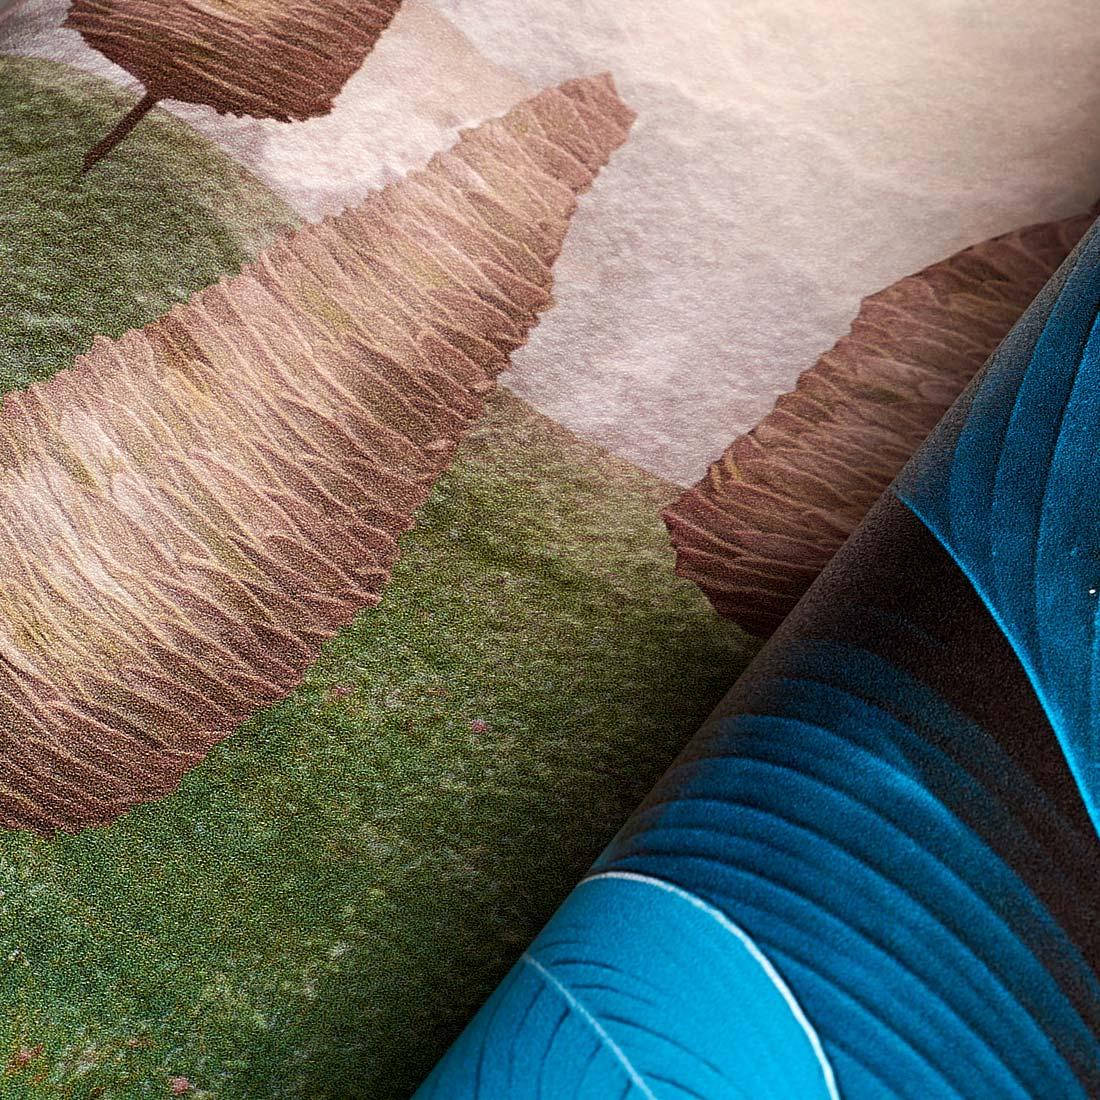 struktura drobny piasek (sand) winyl na flizelinie, idealna do biura - materiał fototapety